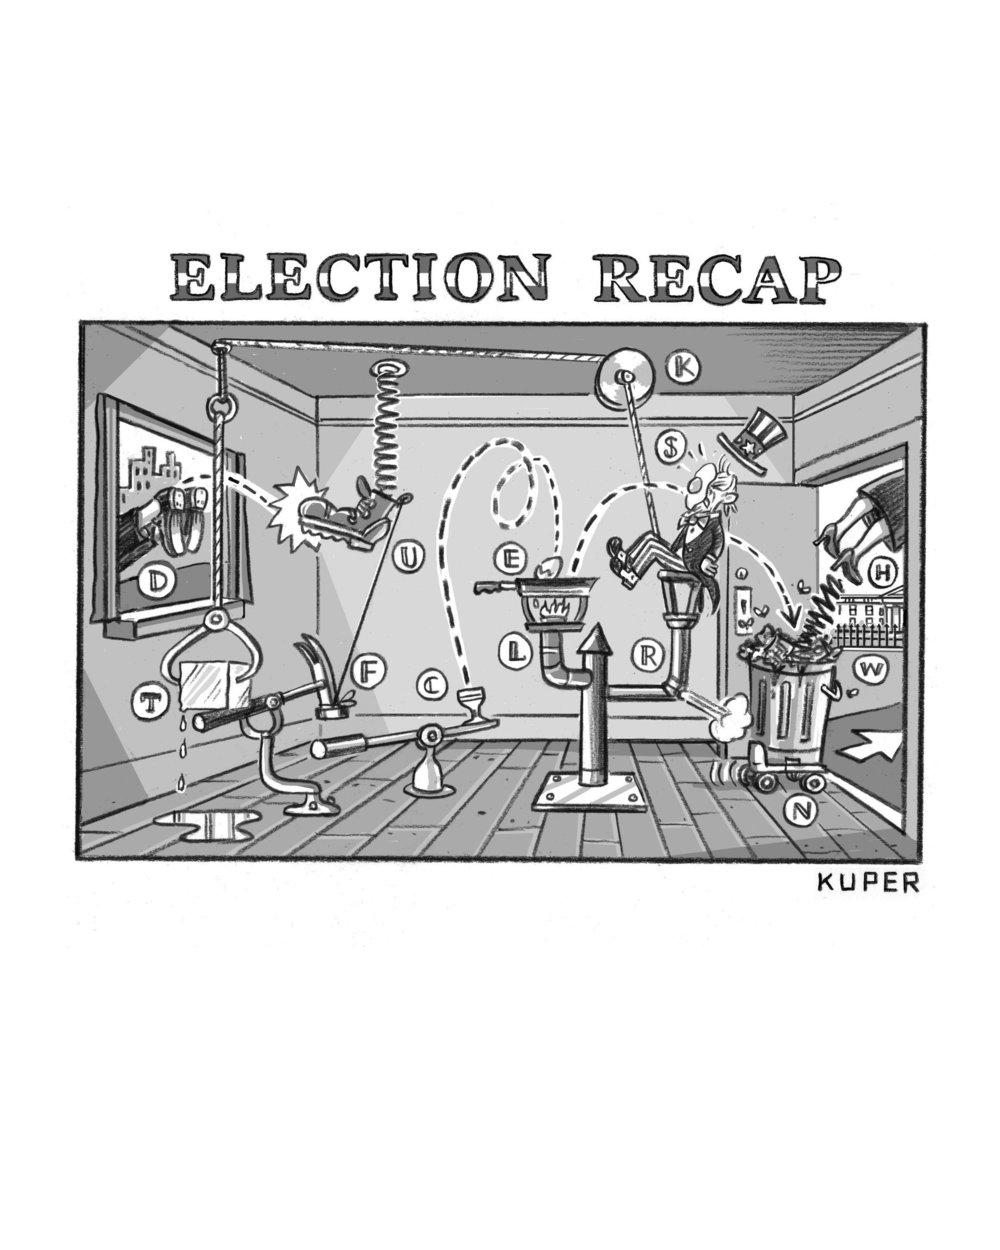 Election Recap Final_carousel.jpg